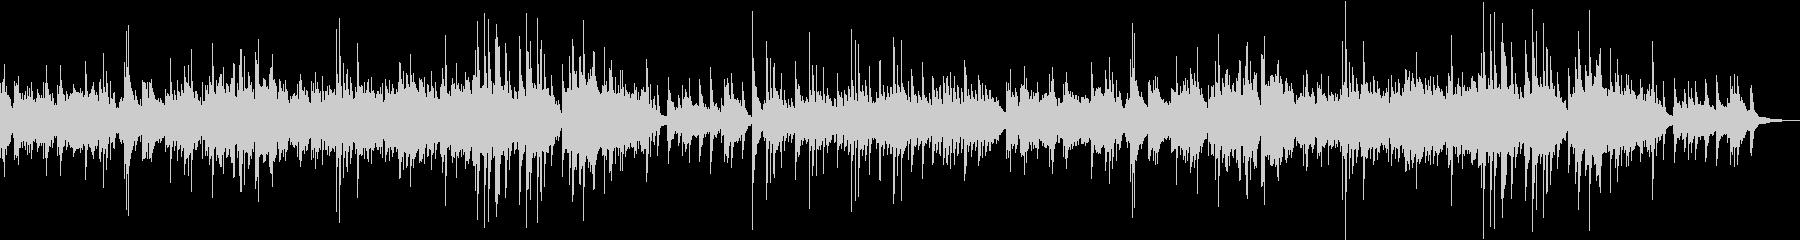 ピアノソロによるヒーリングミュージックの未再生の波形